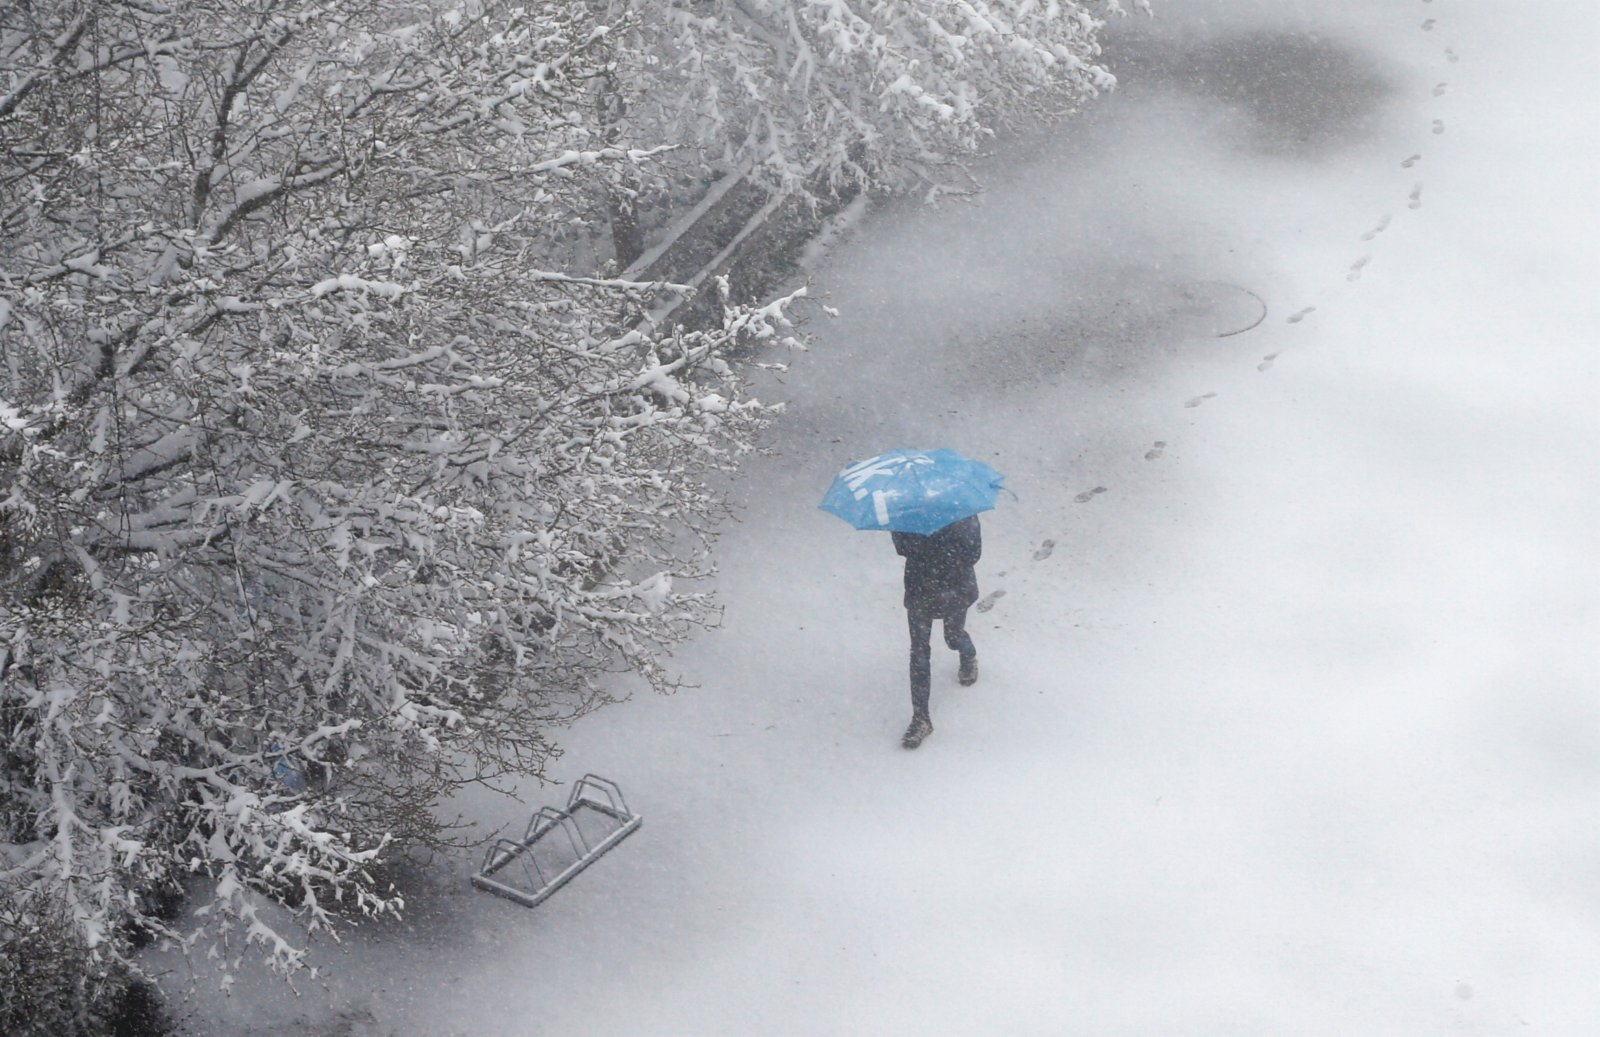 4月12日,瑞士蘇黎世迎來降雪,白茫茫一片宛如童話世界。(路透社)